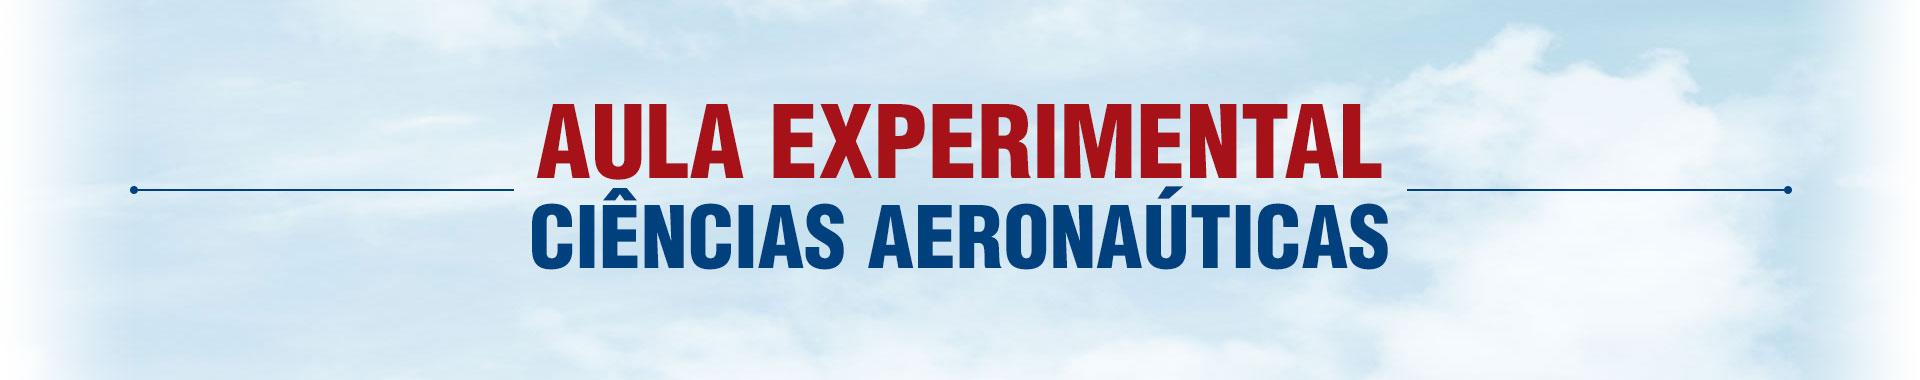 aula experimental ciencias aeronauticas